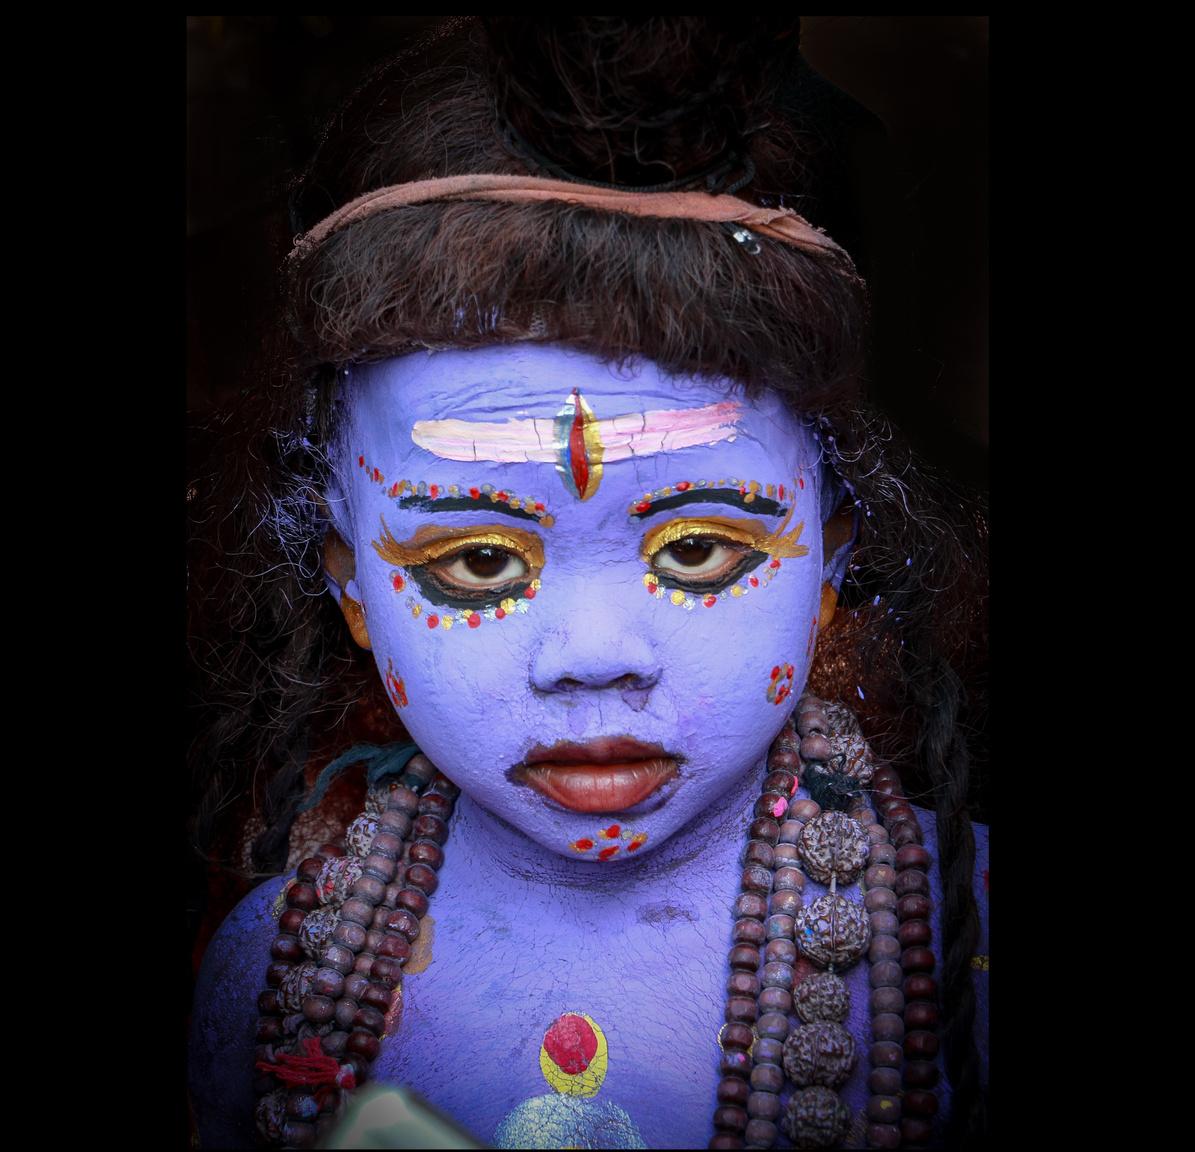 Síva a hinduk legszentebb, kék torkú istensége,a kisfiú pedig, akit az ő képmására festettek ki, azzal, hogy az istenre emlékeztet, több alamizsnát tud összeszedni.                         Radzsasztán a legnagyobb területű indiai állam, 342 ezer négyzetkilométeres területével három és félszer nagyobb, mint Magyarország. Nagyjából 56 millióan lakják, túlnyomó többségük hindu.